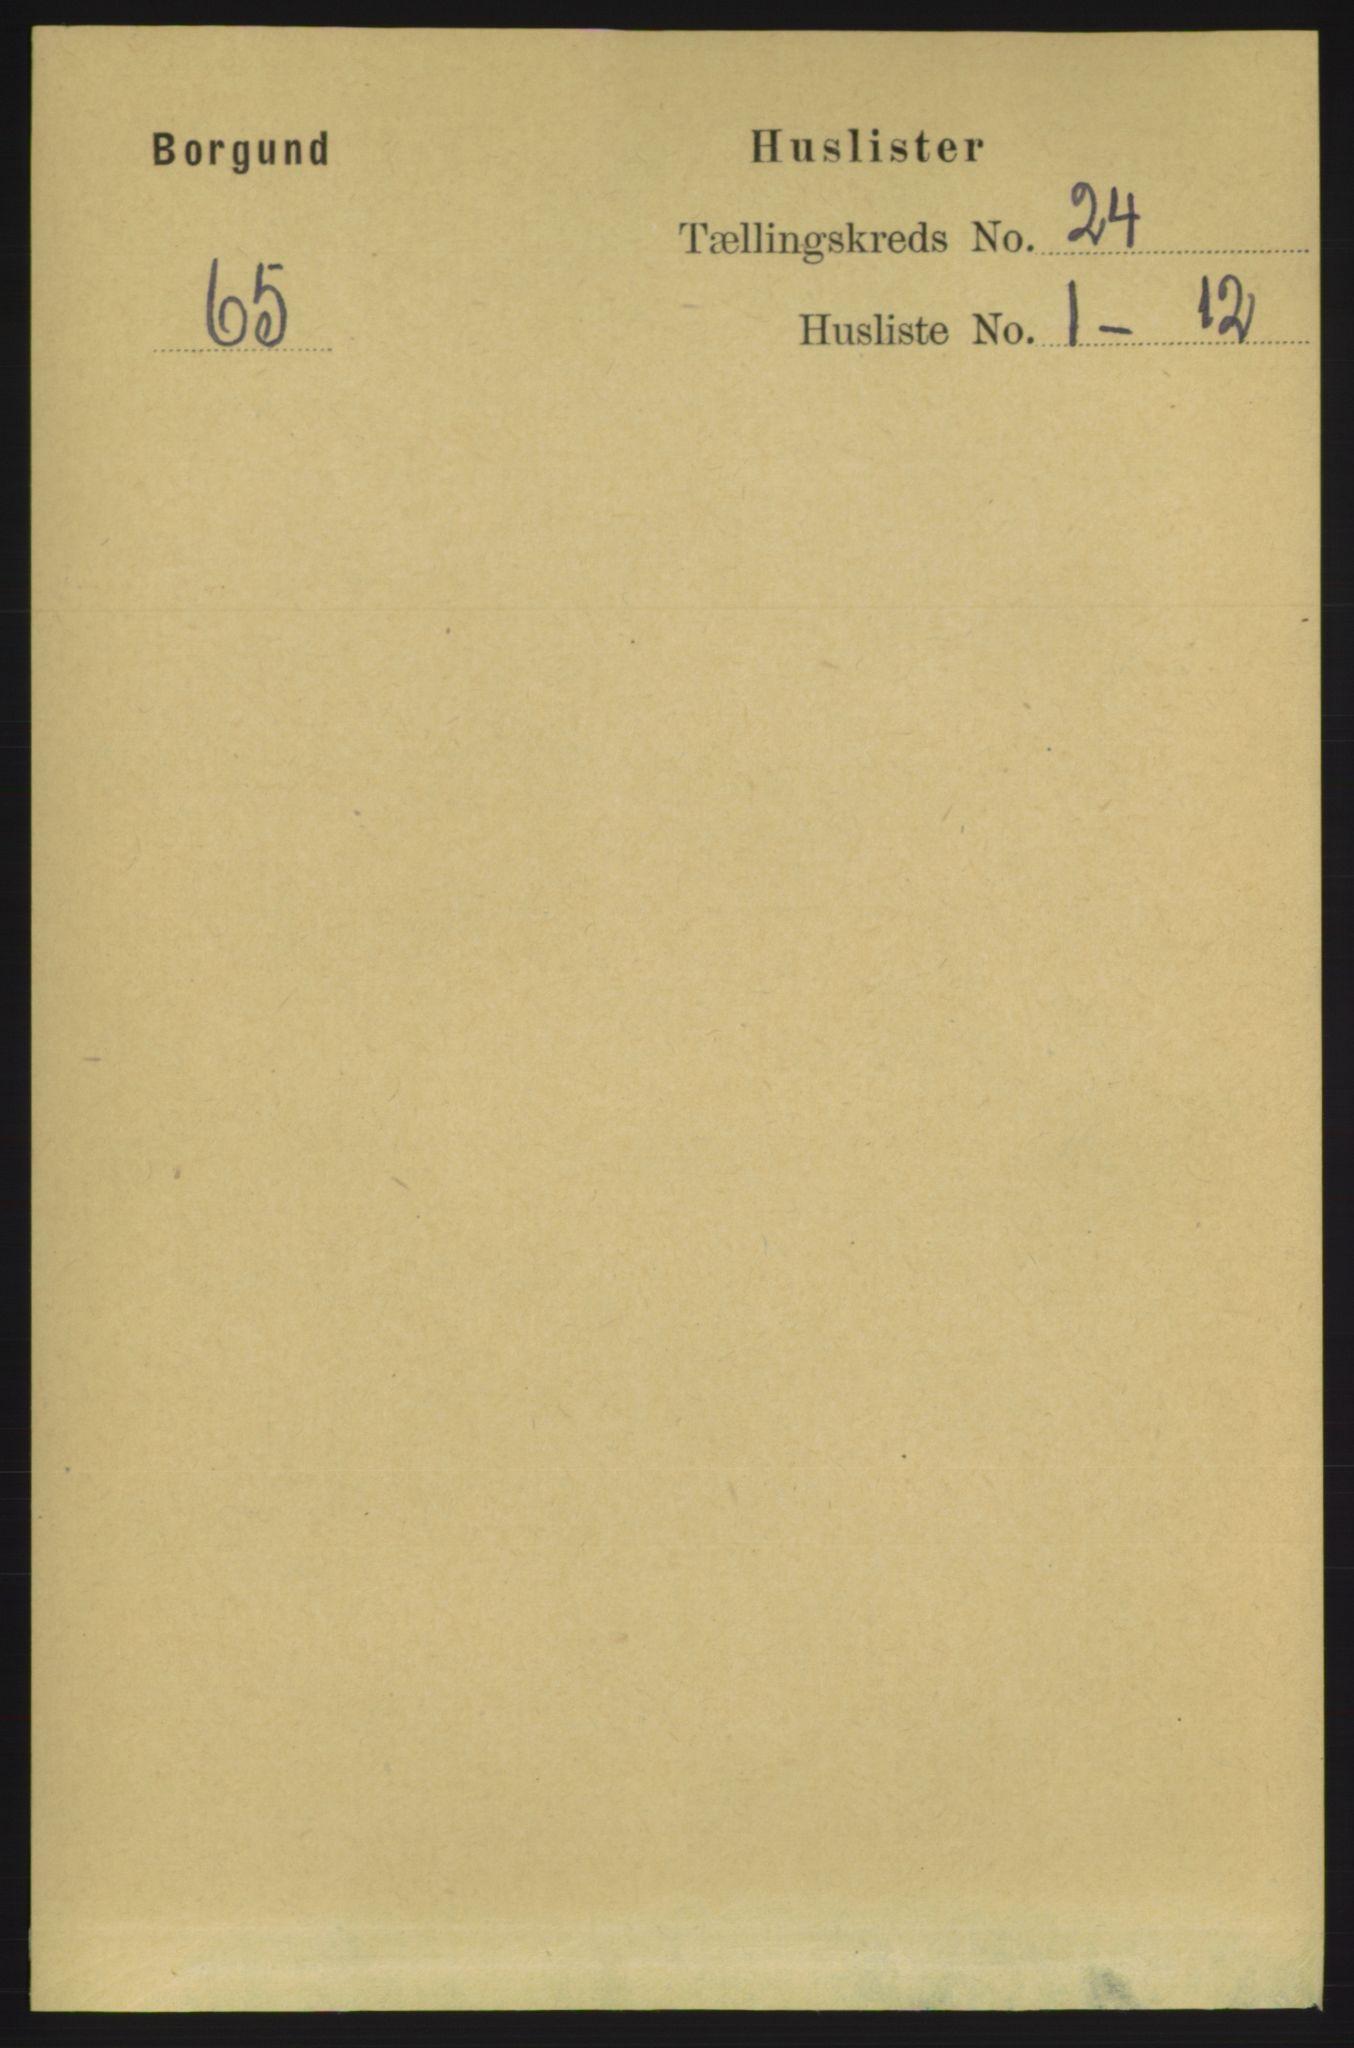 RA, Folketelling 1891 for 1531 Borgund herred, 1891, s. 7087